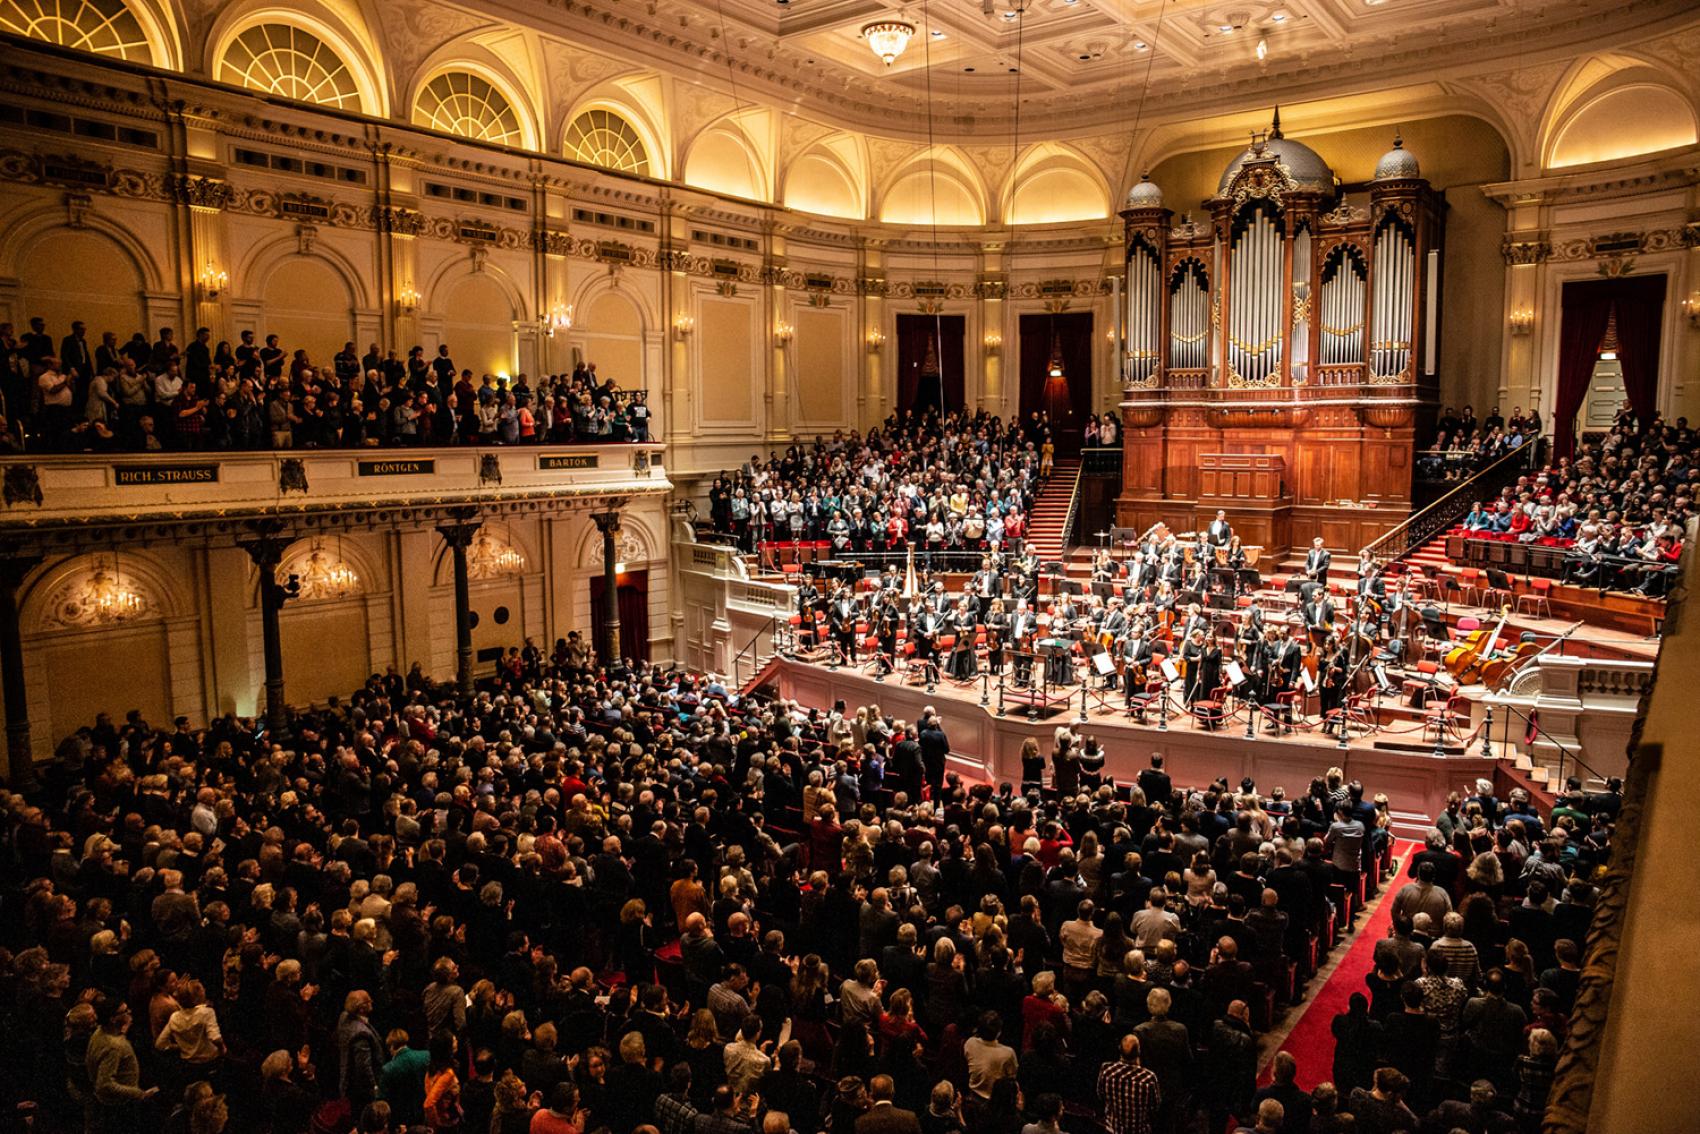 Afwikkeling kaarten Het Concertgebouw